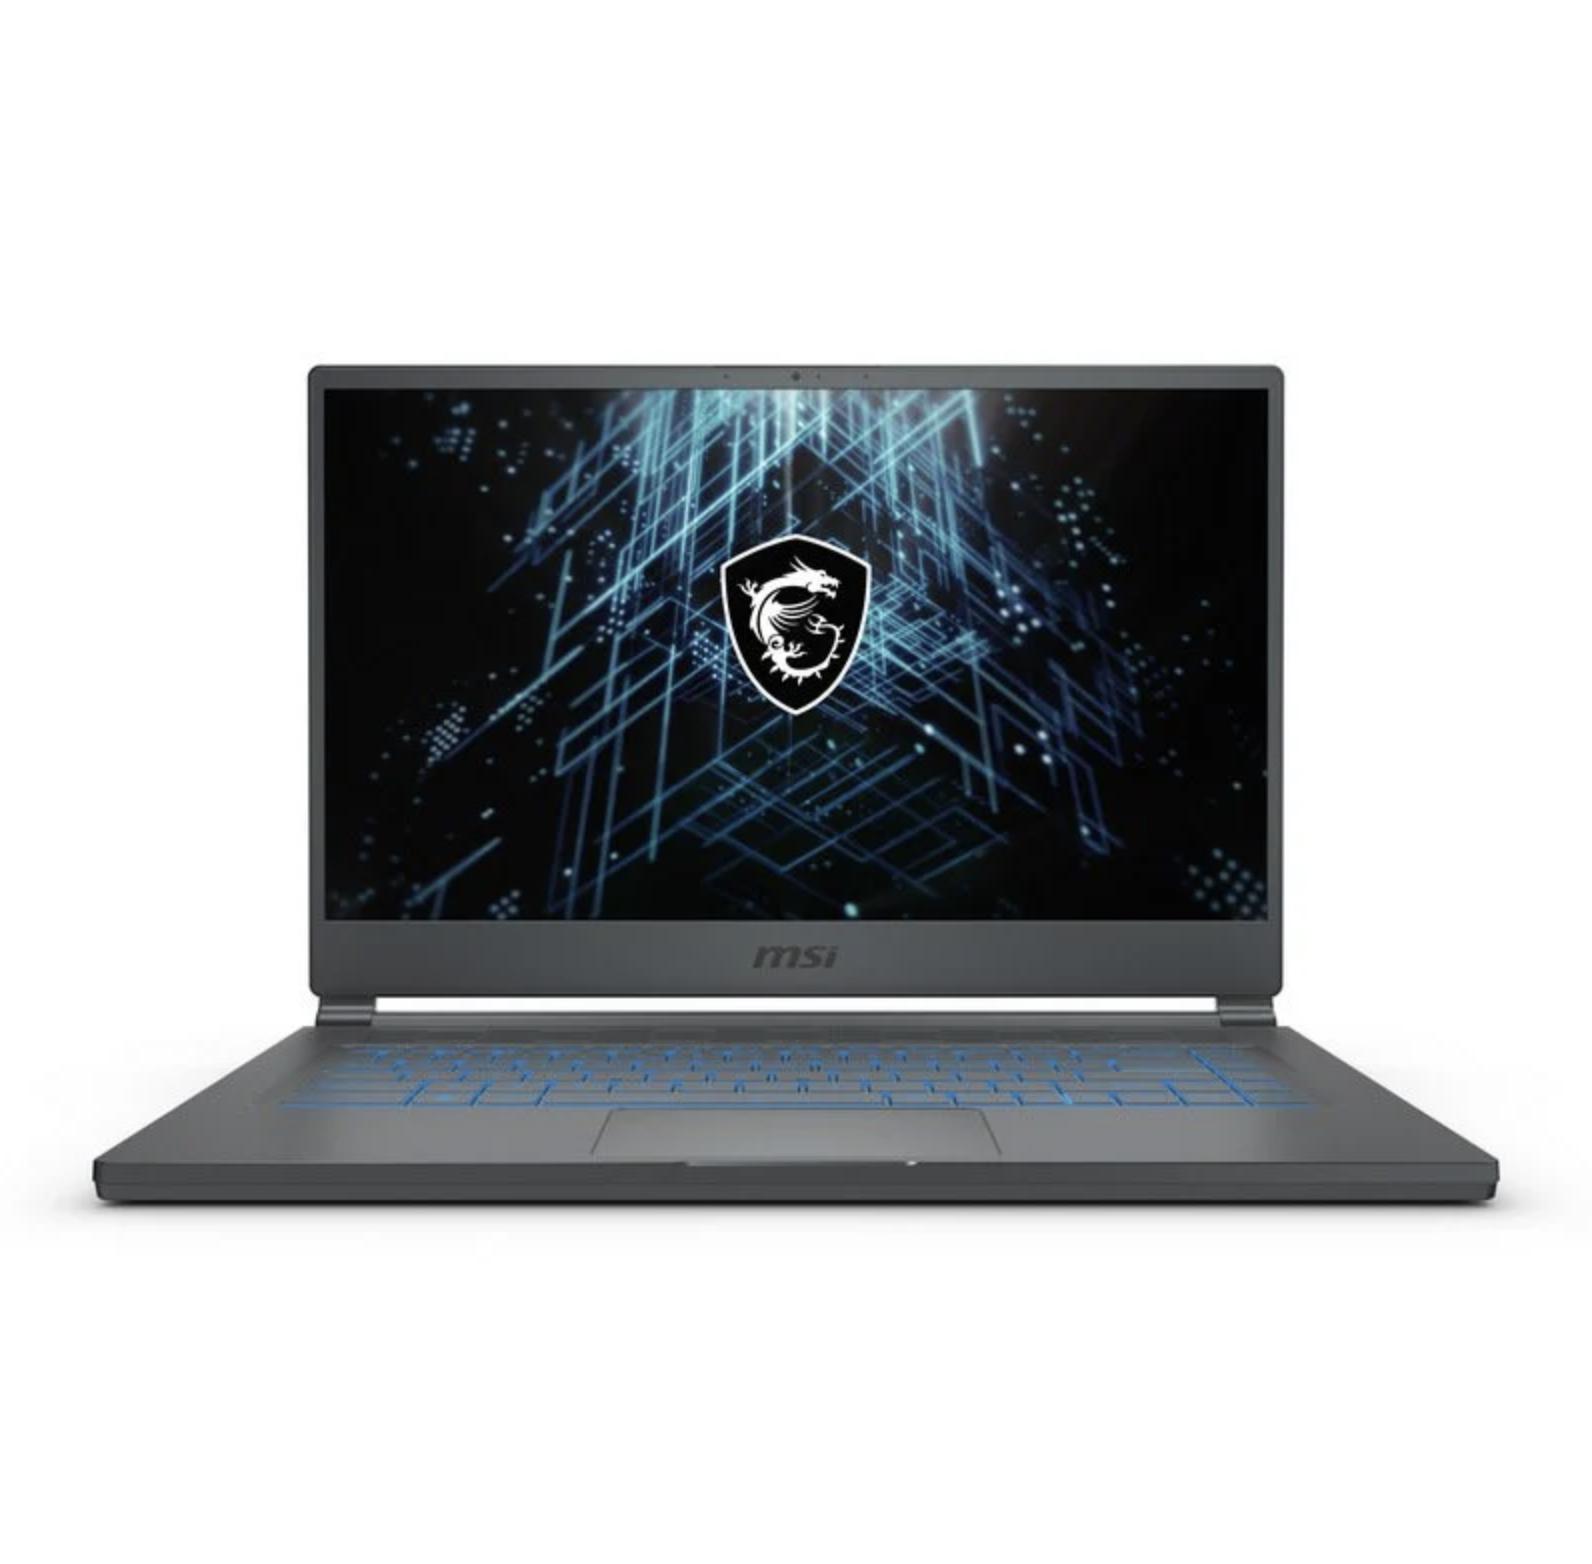 MSI Stealth 15M A11SEK 055XES Intel Core I7 1185G7 16GB 1TB SSD RTX 2060 156